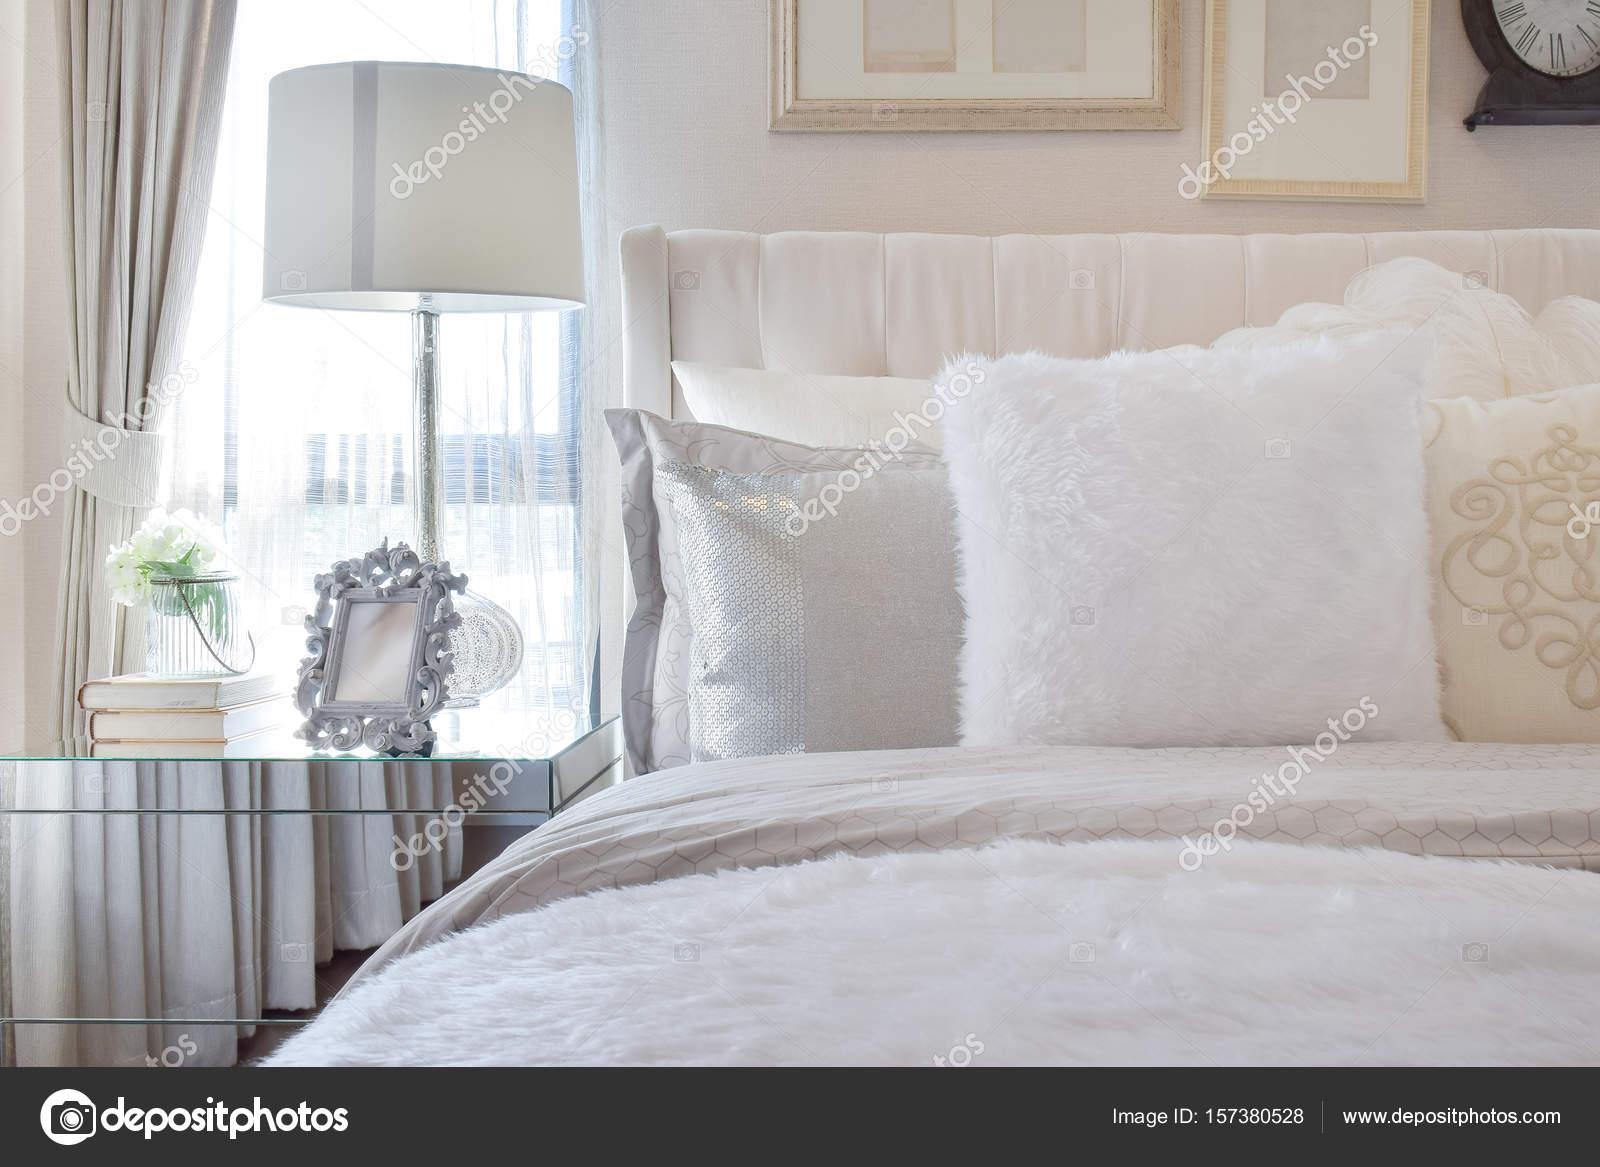 Lampada bianca con la cornice sul vetro comodino in camera ...